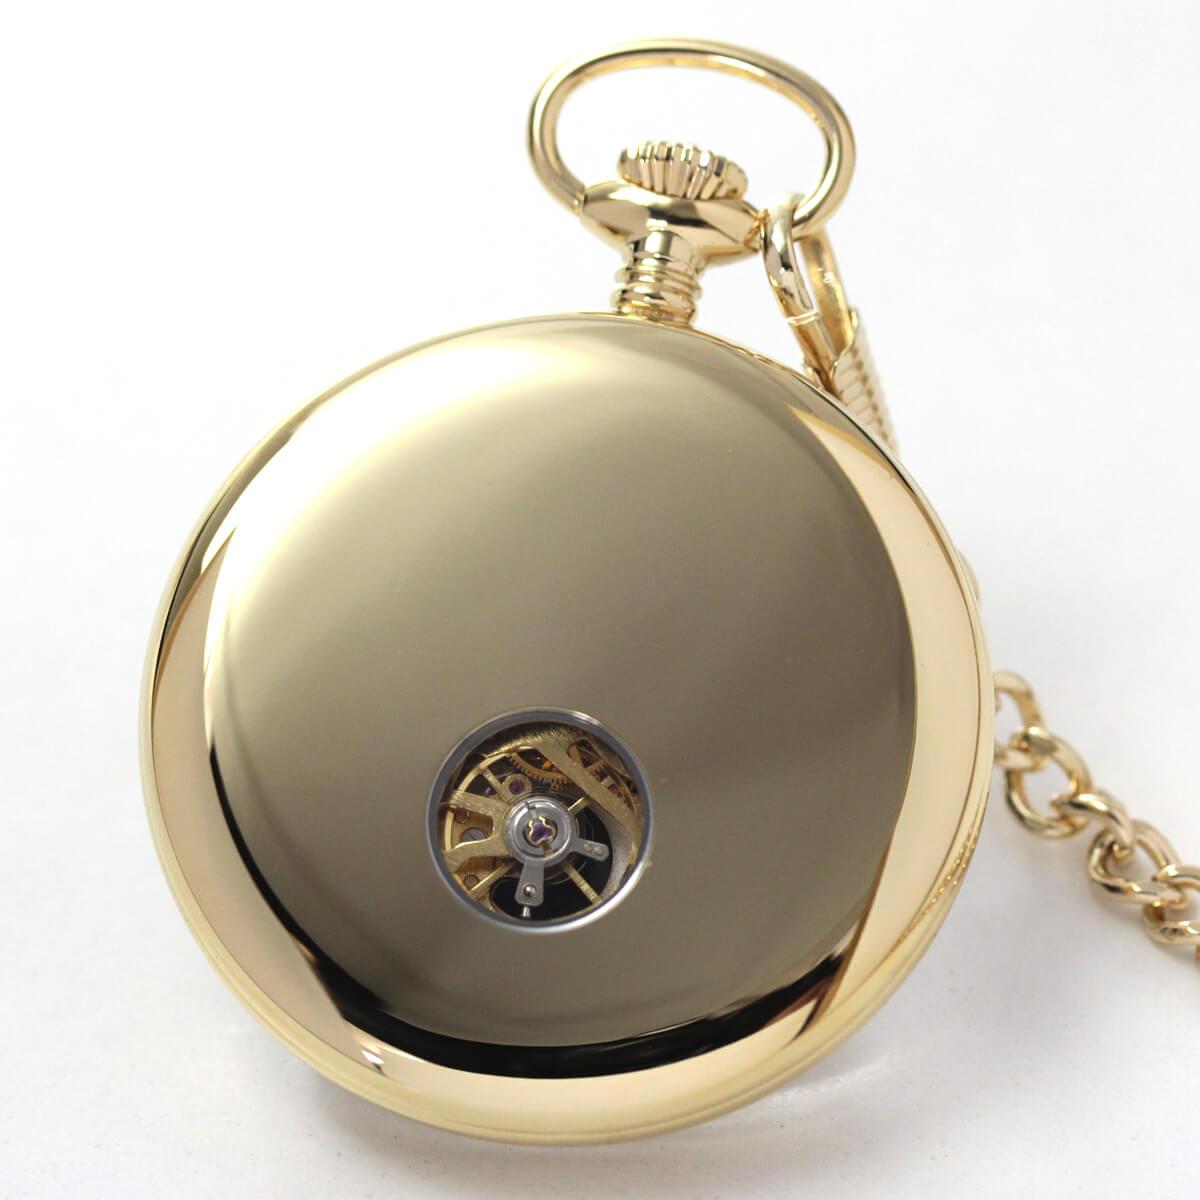 ROYAL LONDON(ロイヤルロンドン) 手巻きスケルトン懐中時計 90049-02 本体裏側